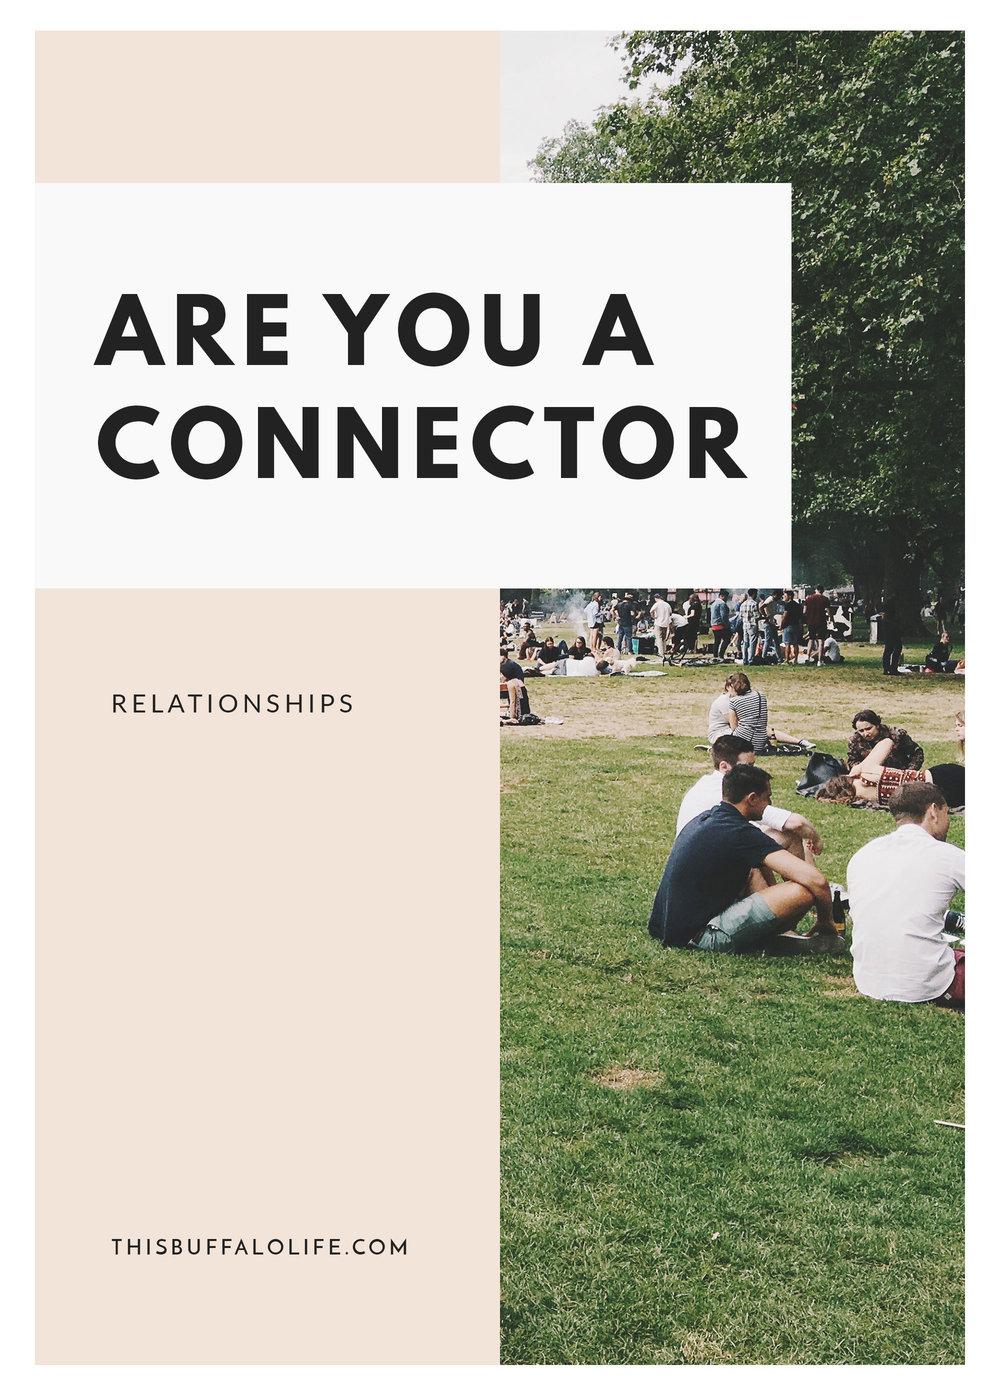 areyouaconnector.jpg